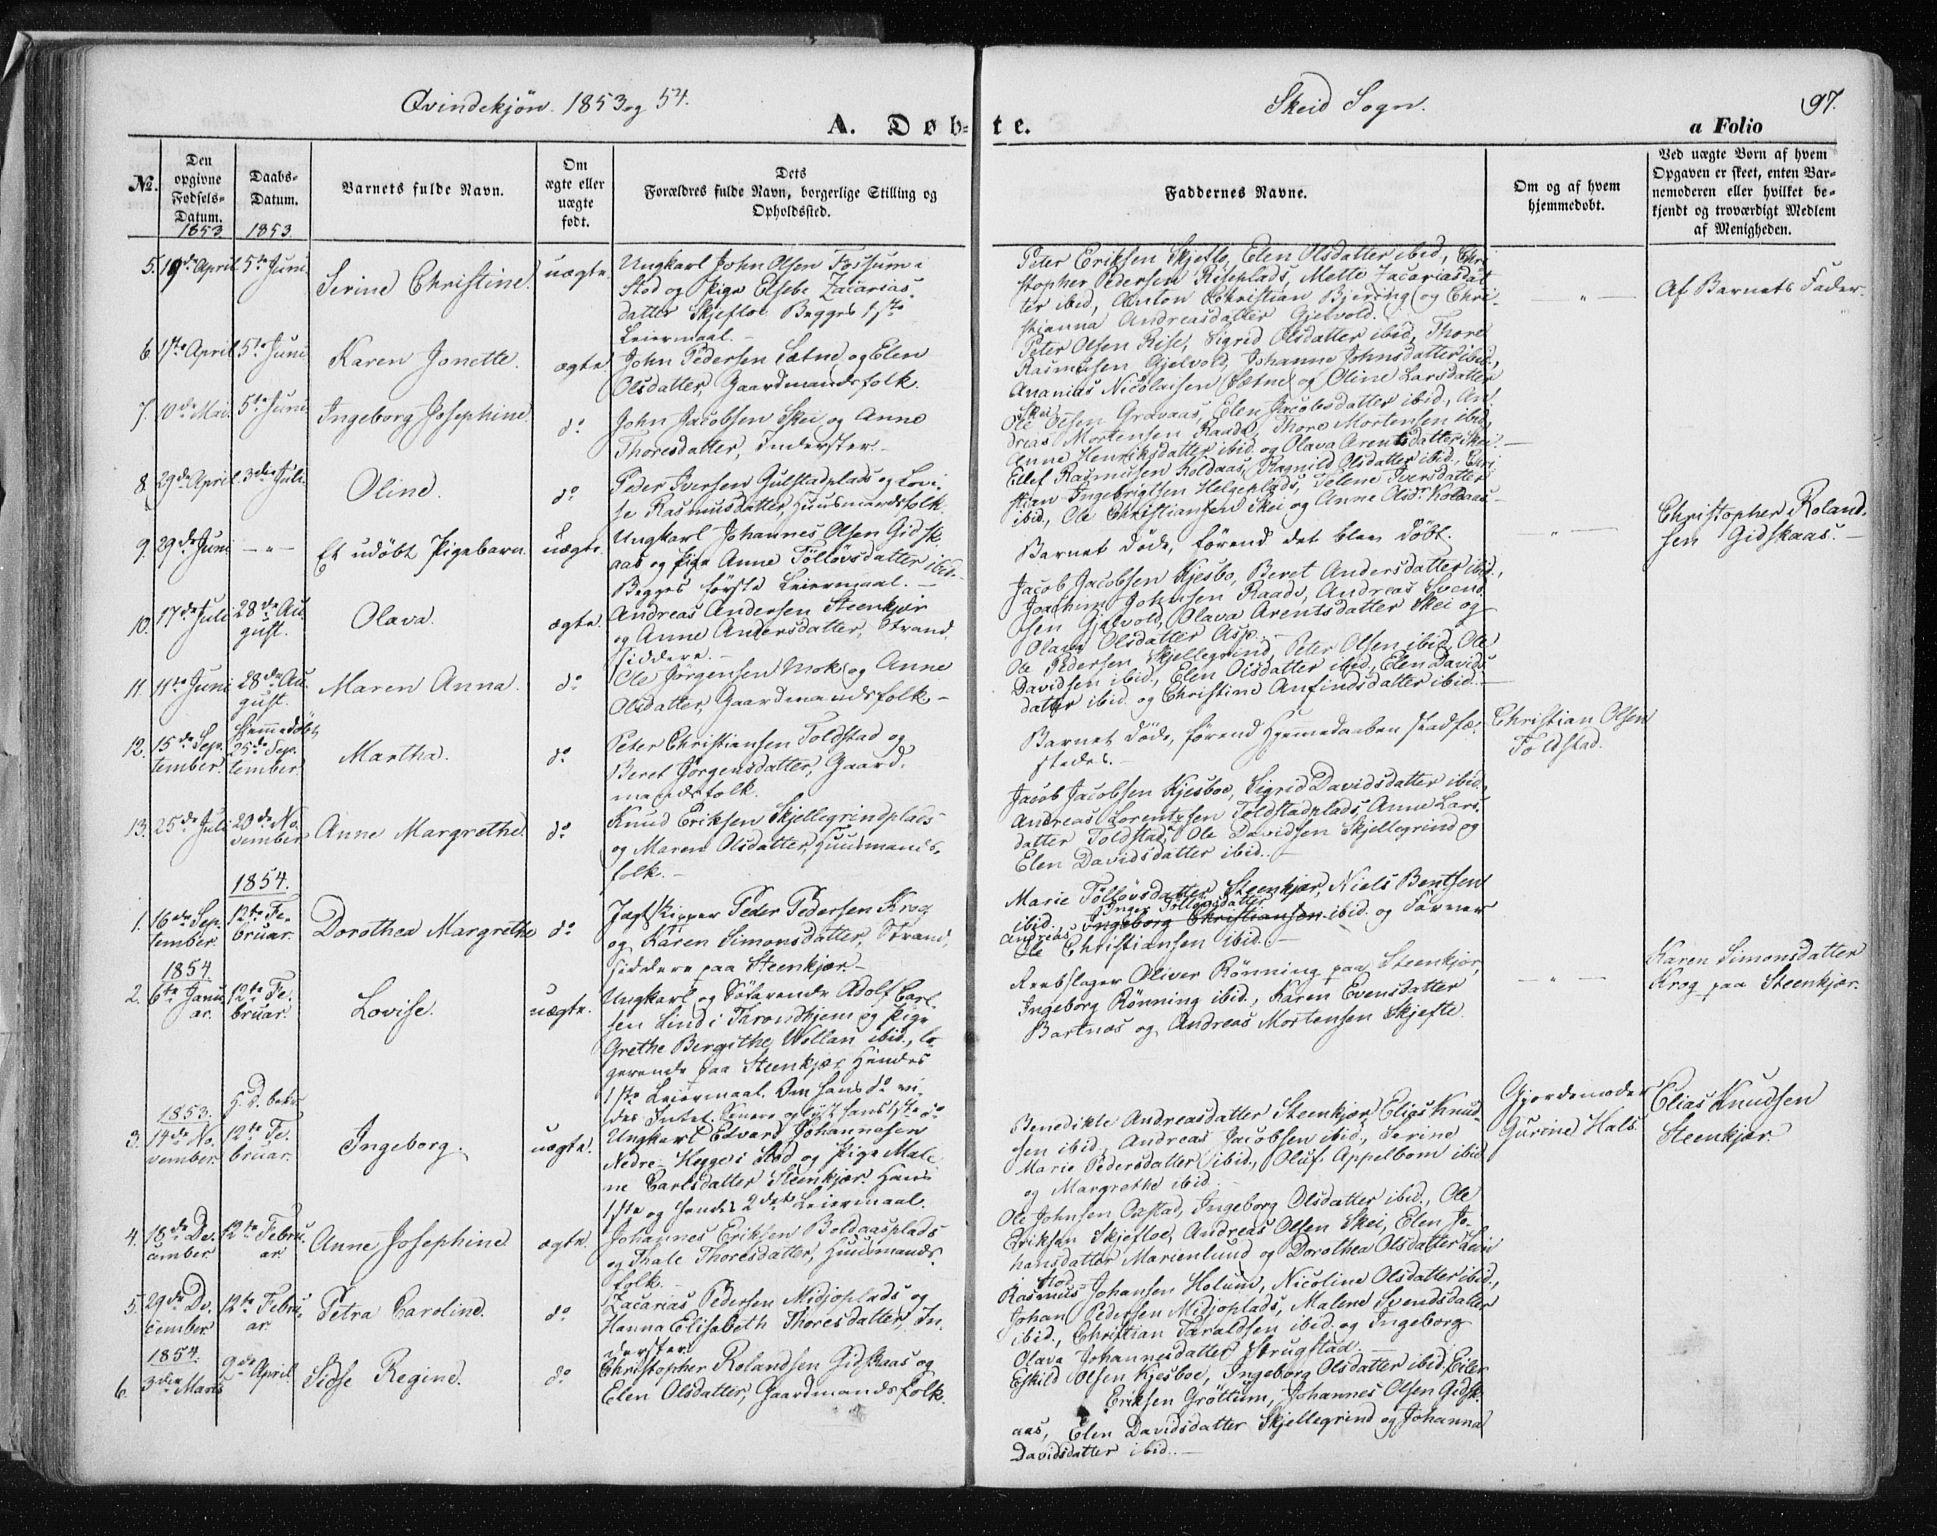 SAT, Ministerialprotokoller, klokkerbøker og fødselsregistre - Nord-Trøndelag, 735/L0342: Ministerialbok nr. 735A07 /2, 1849-1862, s. 97